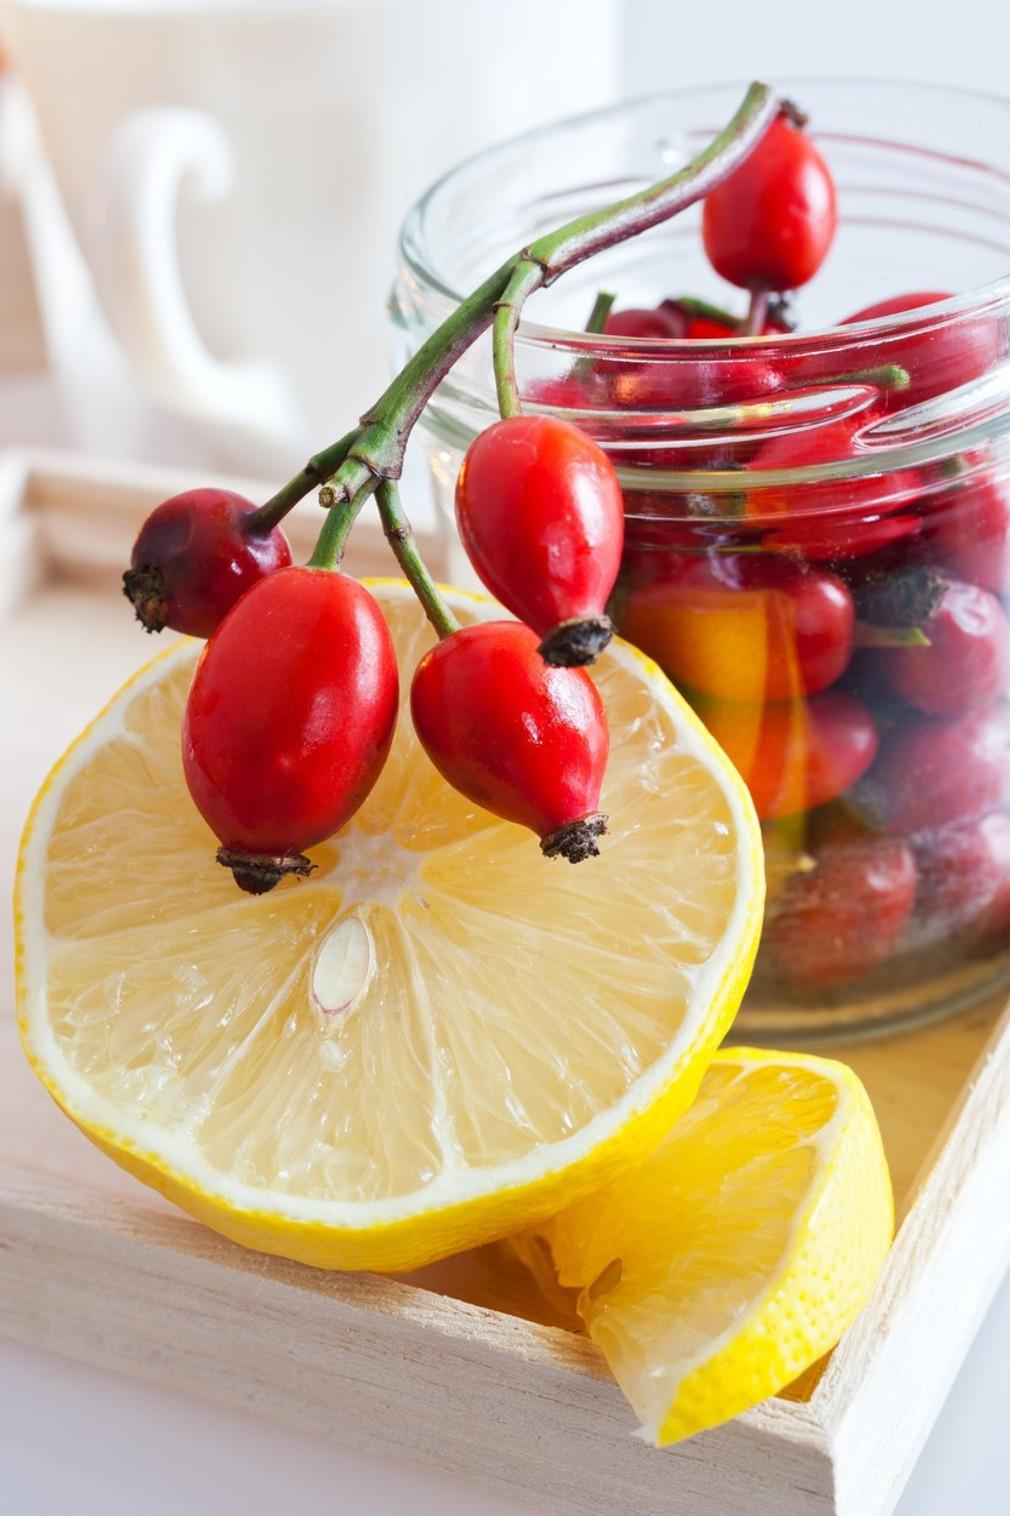 šípky, vitamín C